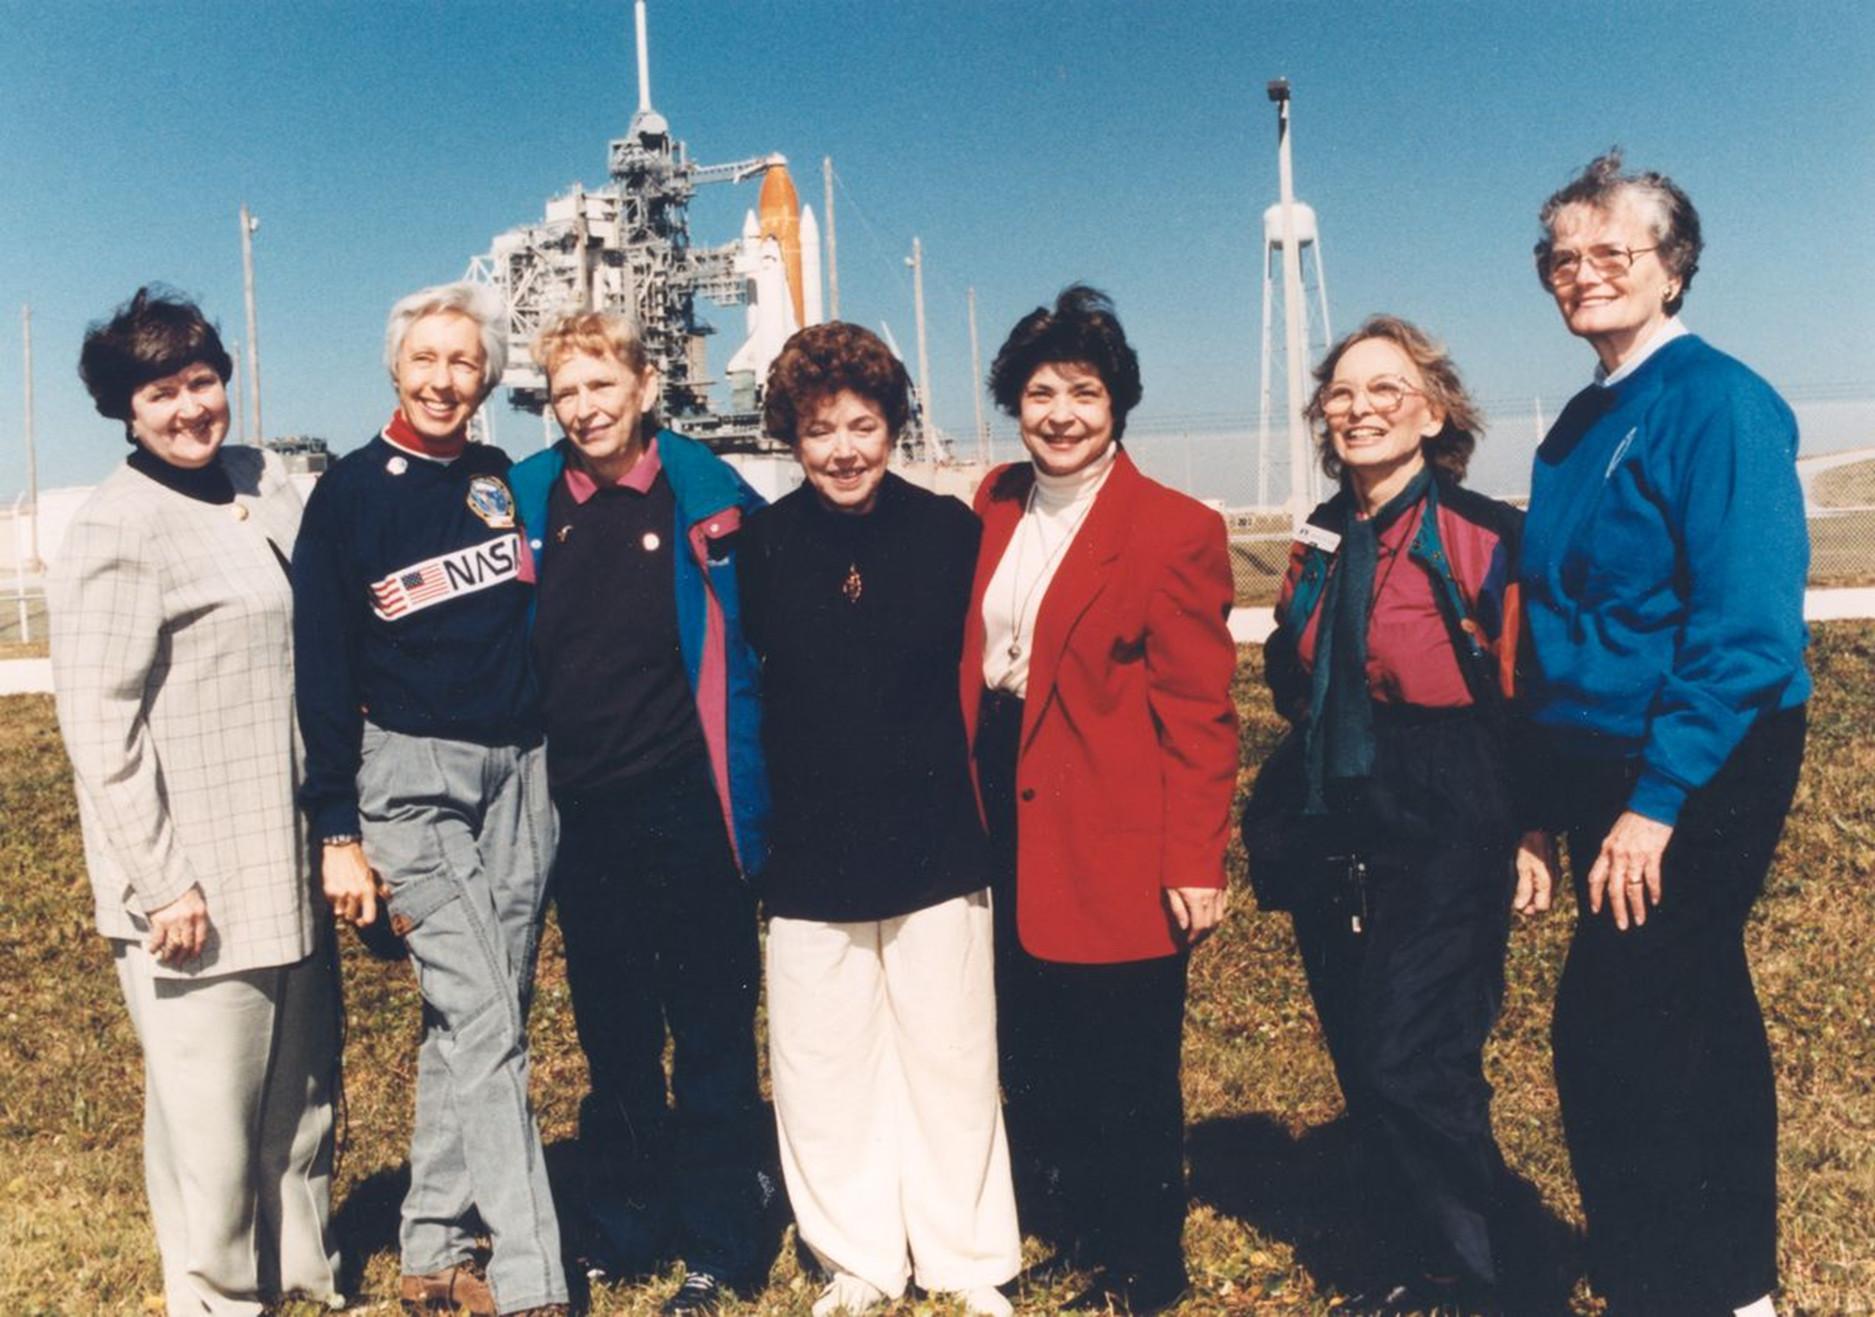 Siete de las integrantes del grupo Mercury 13 frente a la Lanzadera Especial en 1995. Habían sido invitadas a ver el lanzamiento de Eileen Collins, la primera mujer en pilotarla. Foto: NASA